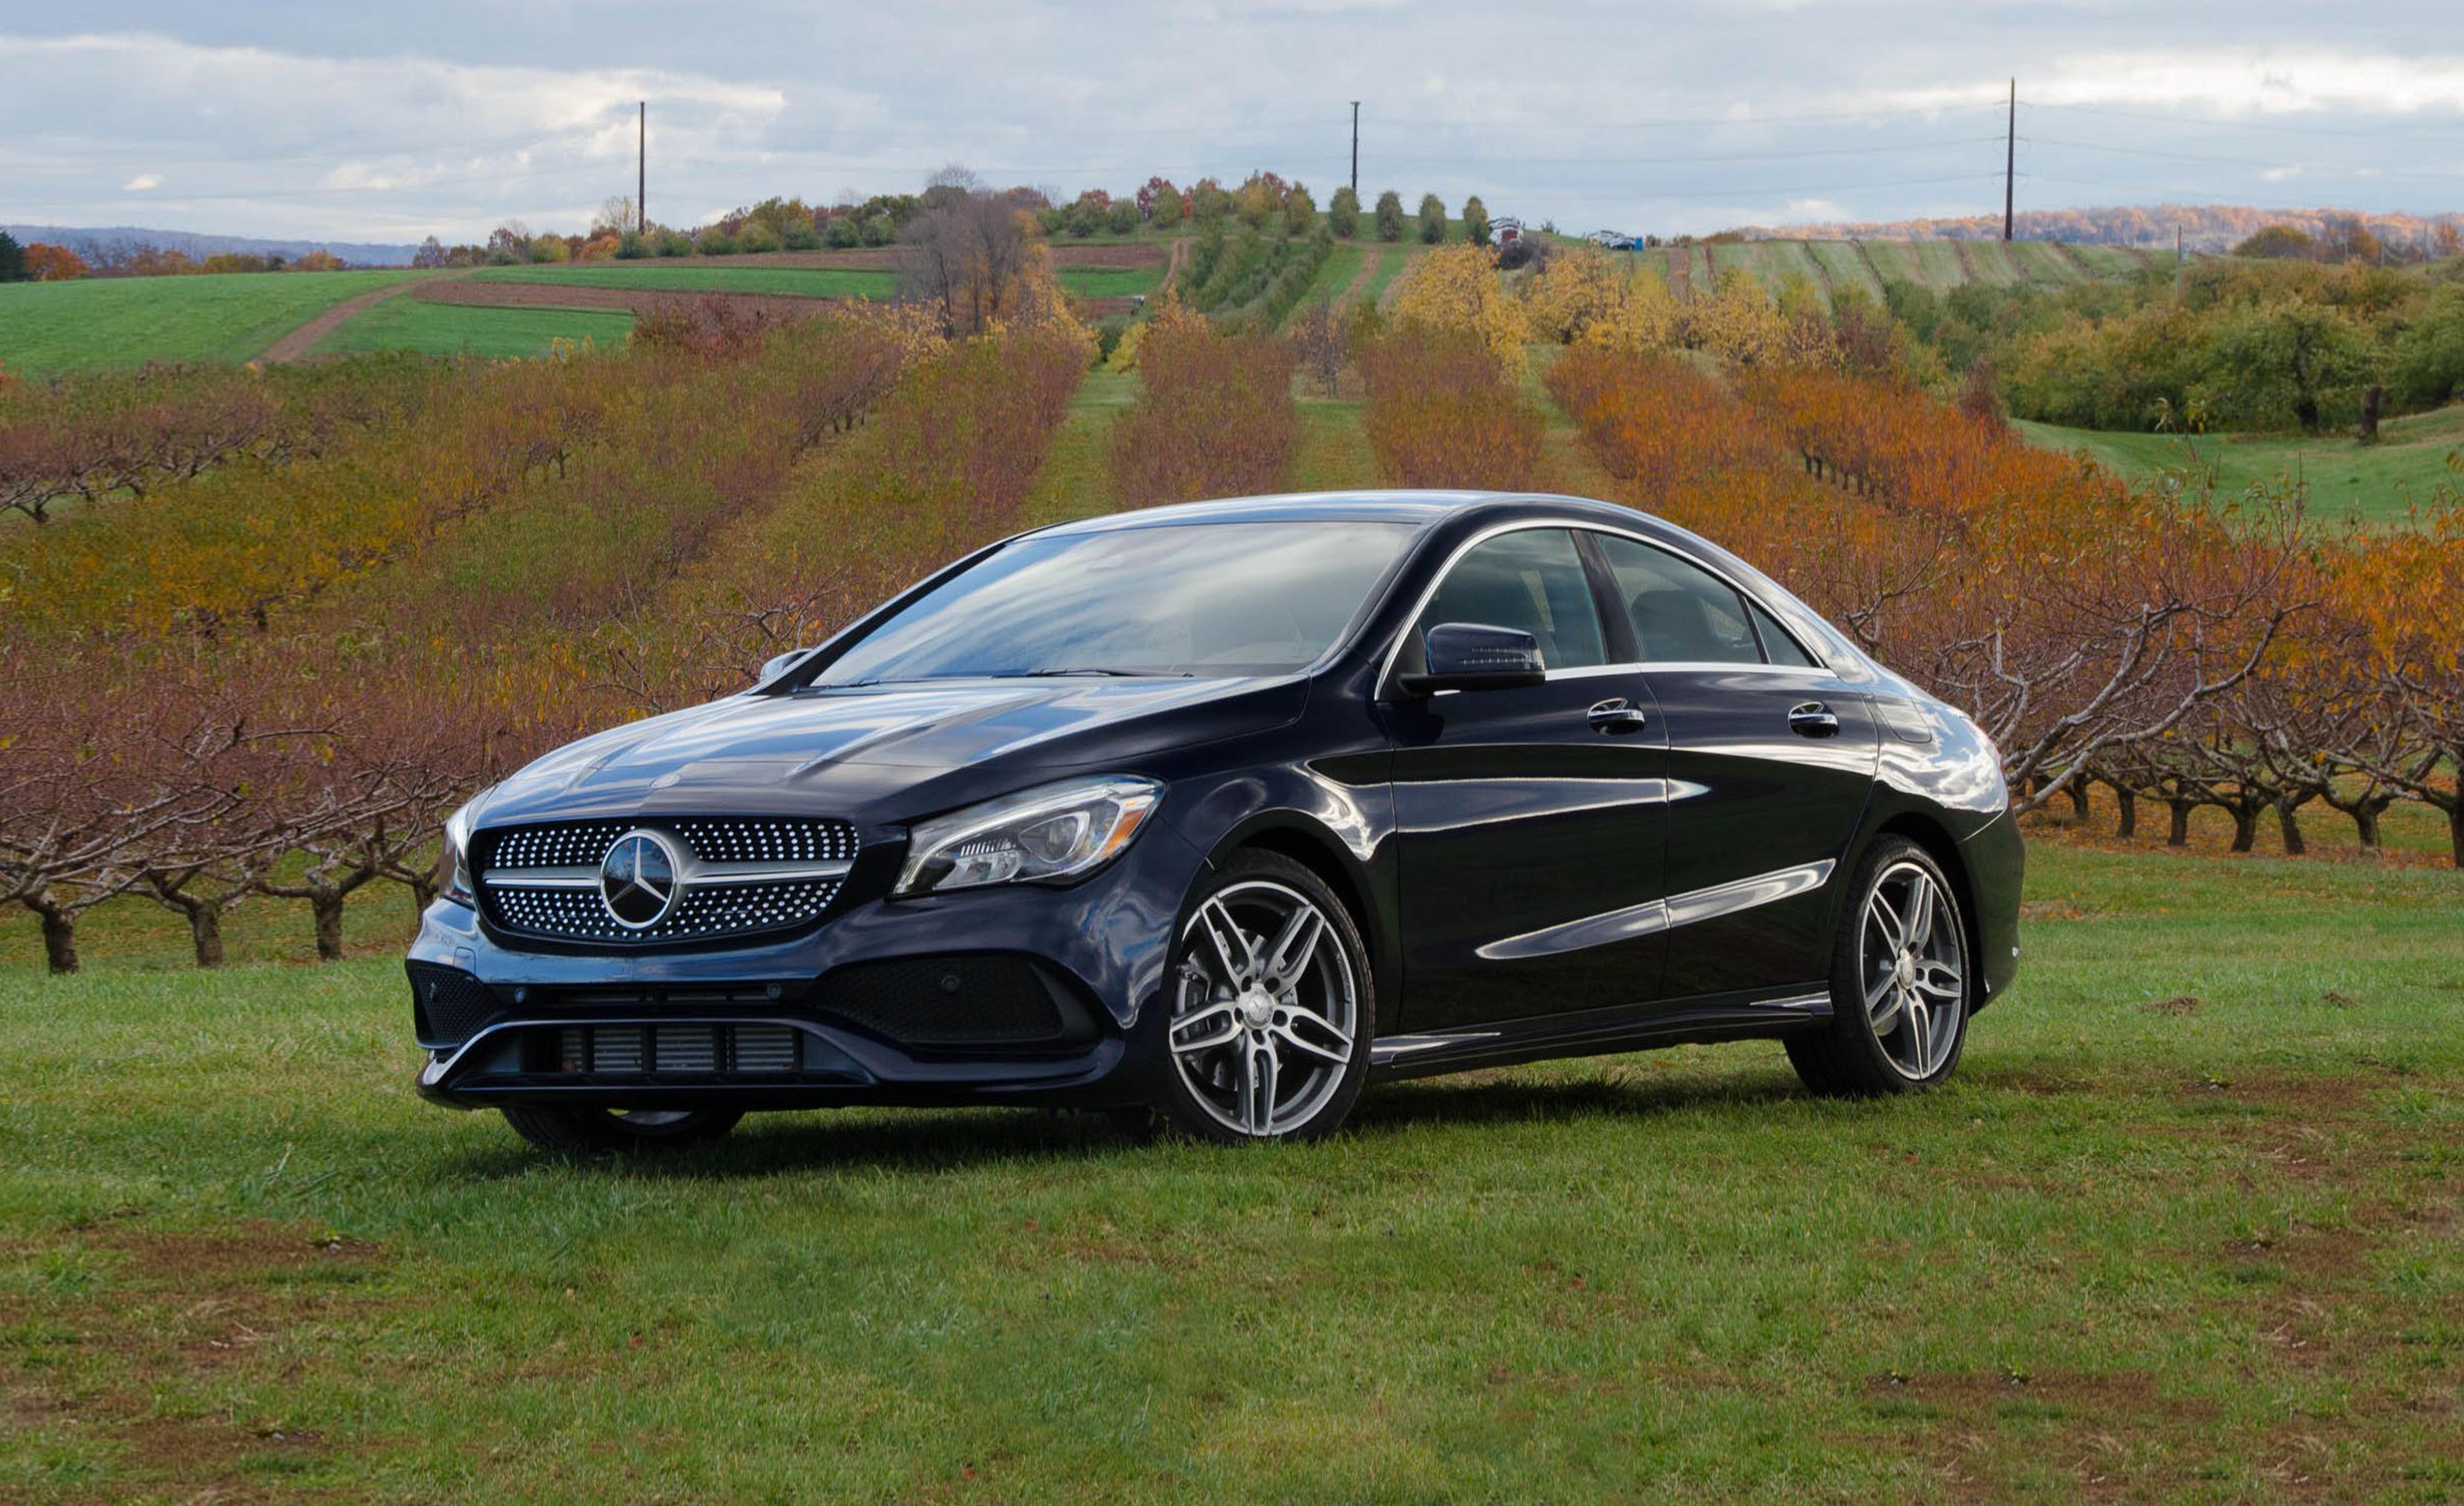 2020 Mercedes Benz Cla Class Reviews Mercedes Benz Cla Class Price